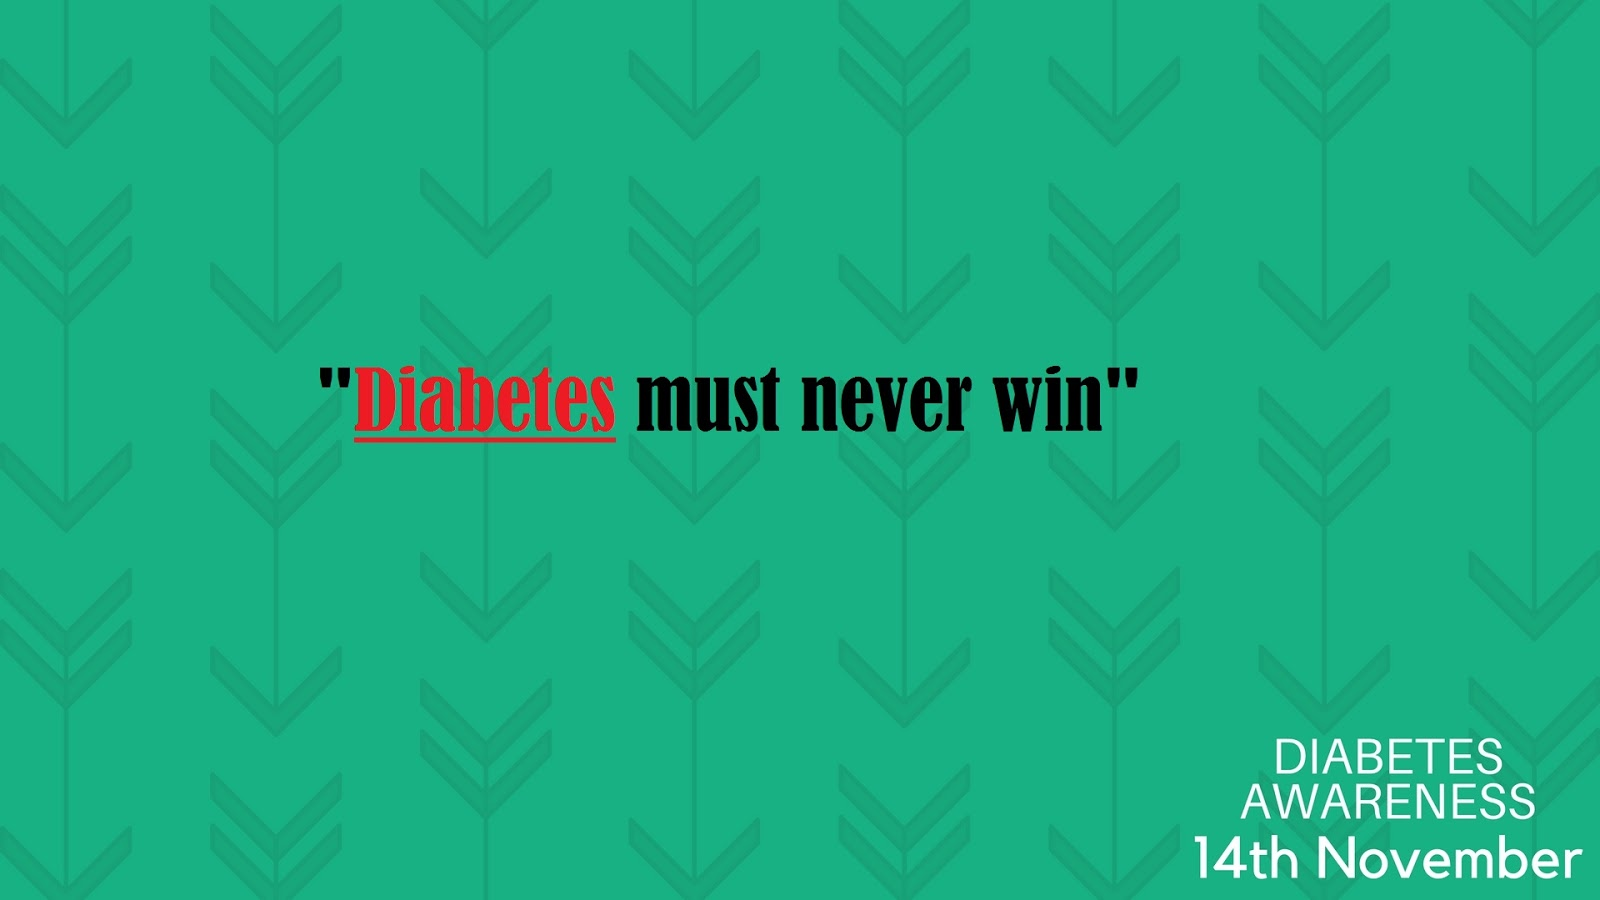 diabetes slogans